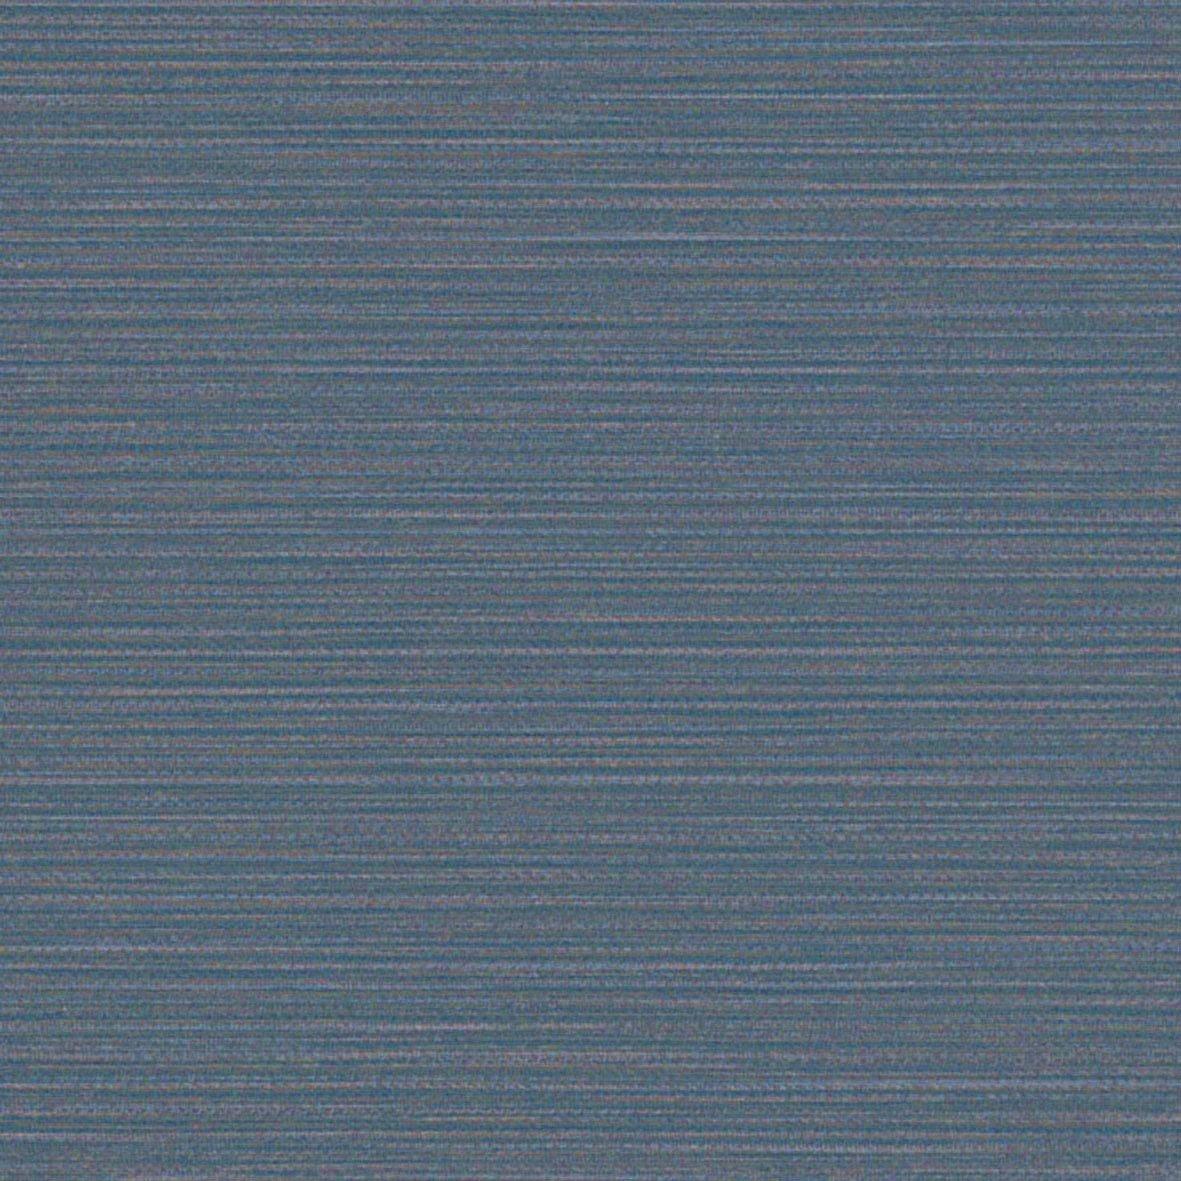 リリカラ 壁紙45m ナチュラル 織物調 ネイビー 撥水トップコートComfort Selection-消臭- LW-2140 B07611L2M2 45m ネイビー